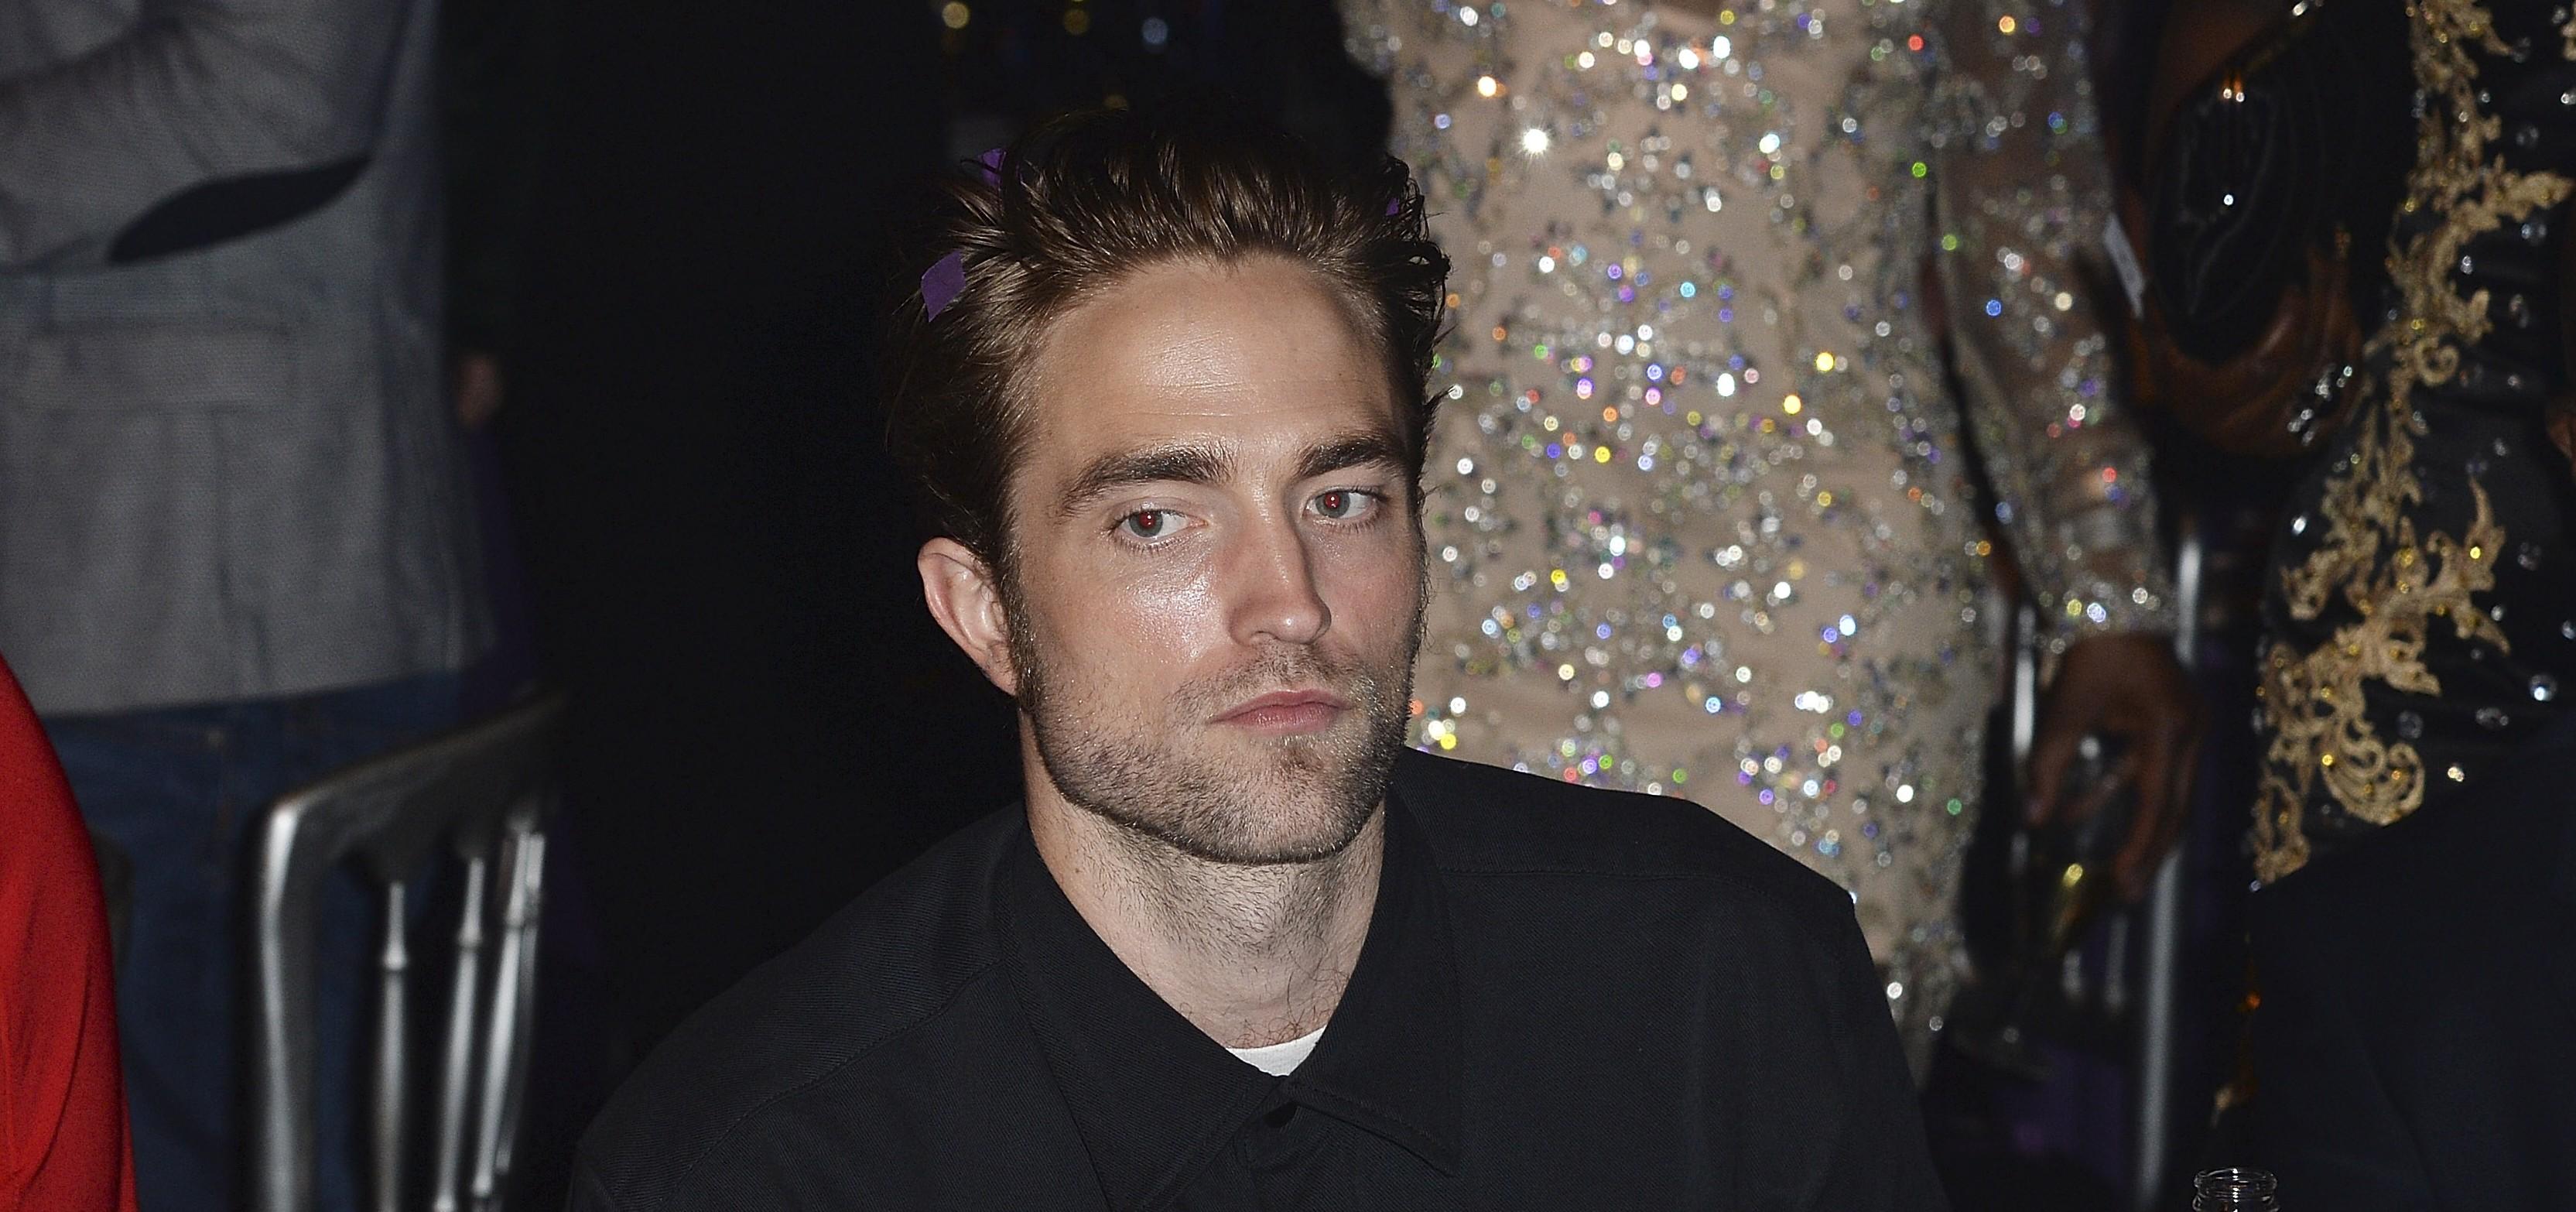 Robert comparece ao MOBO Awards em Leeds (04/11)